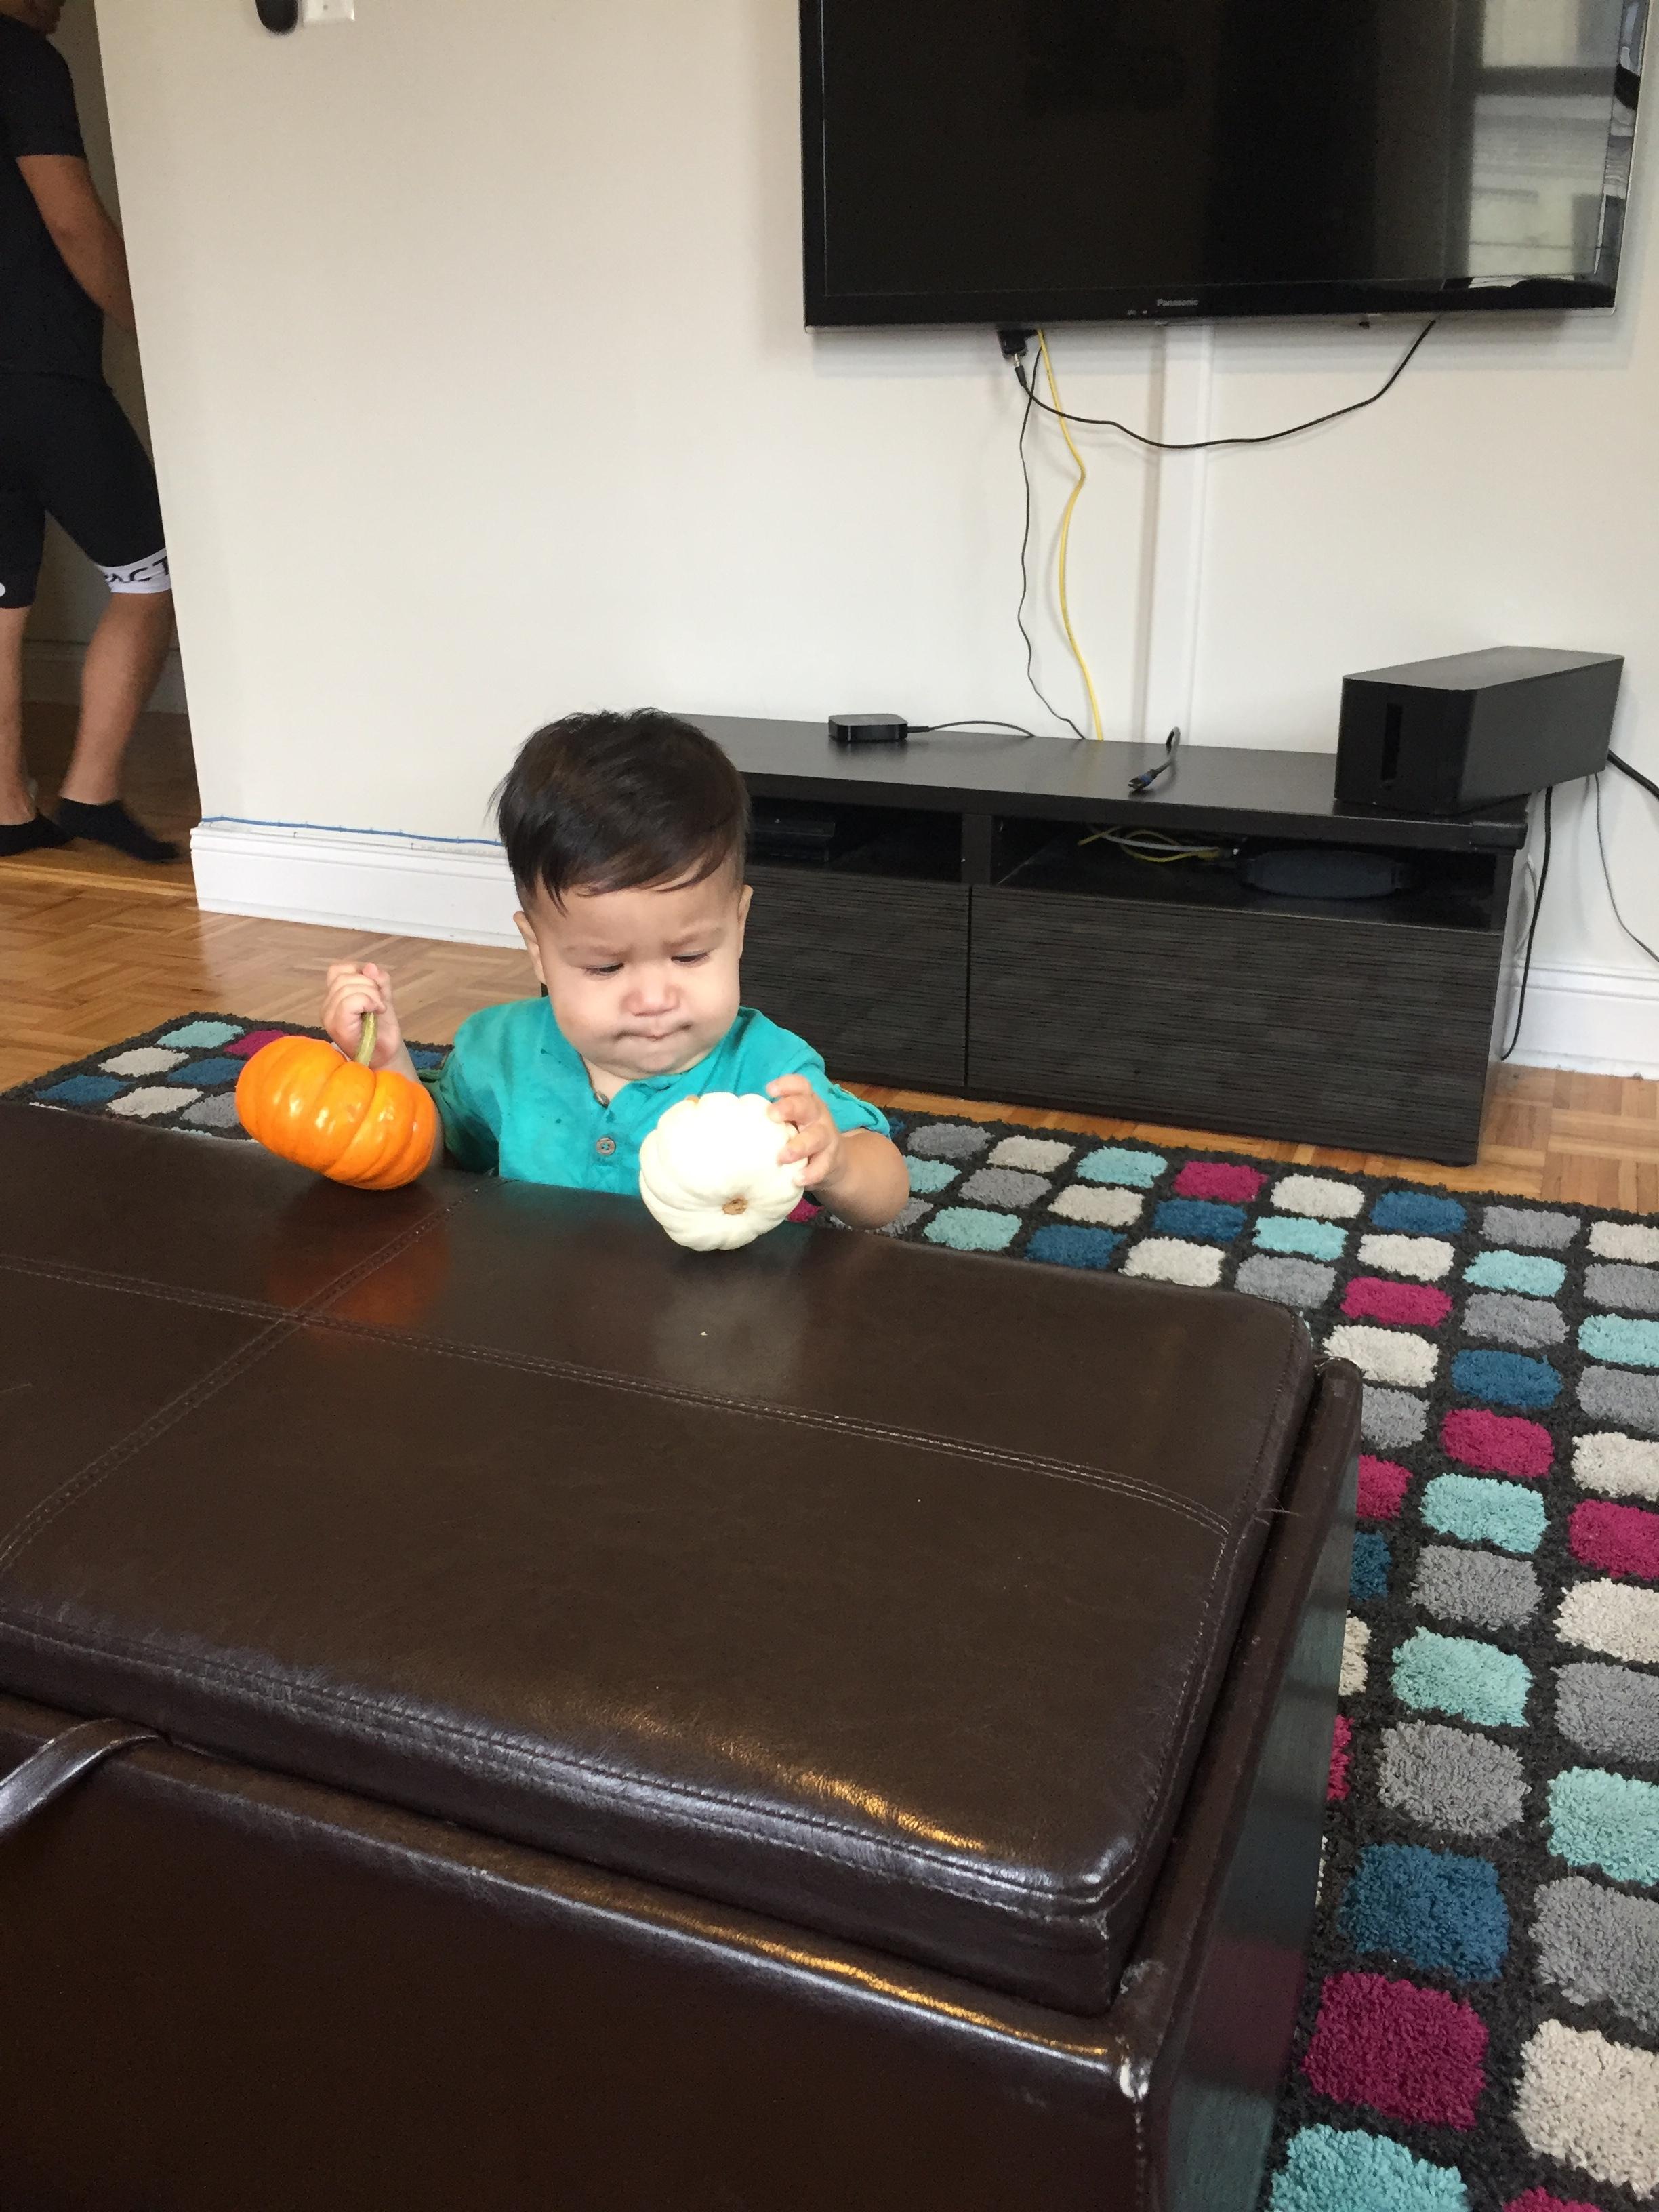 hmm which pumpkin?